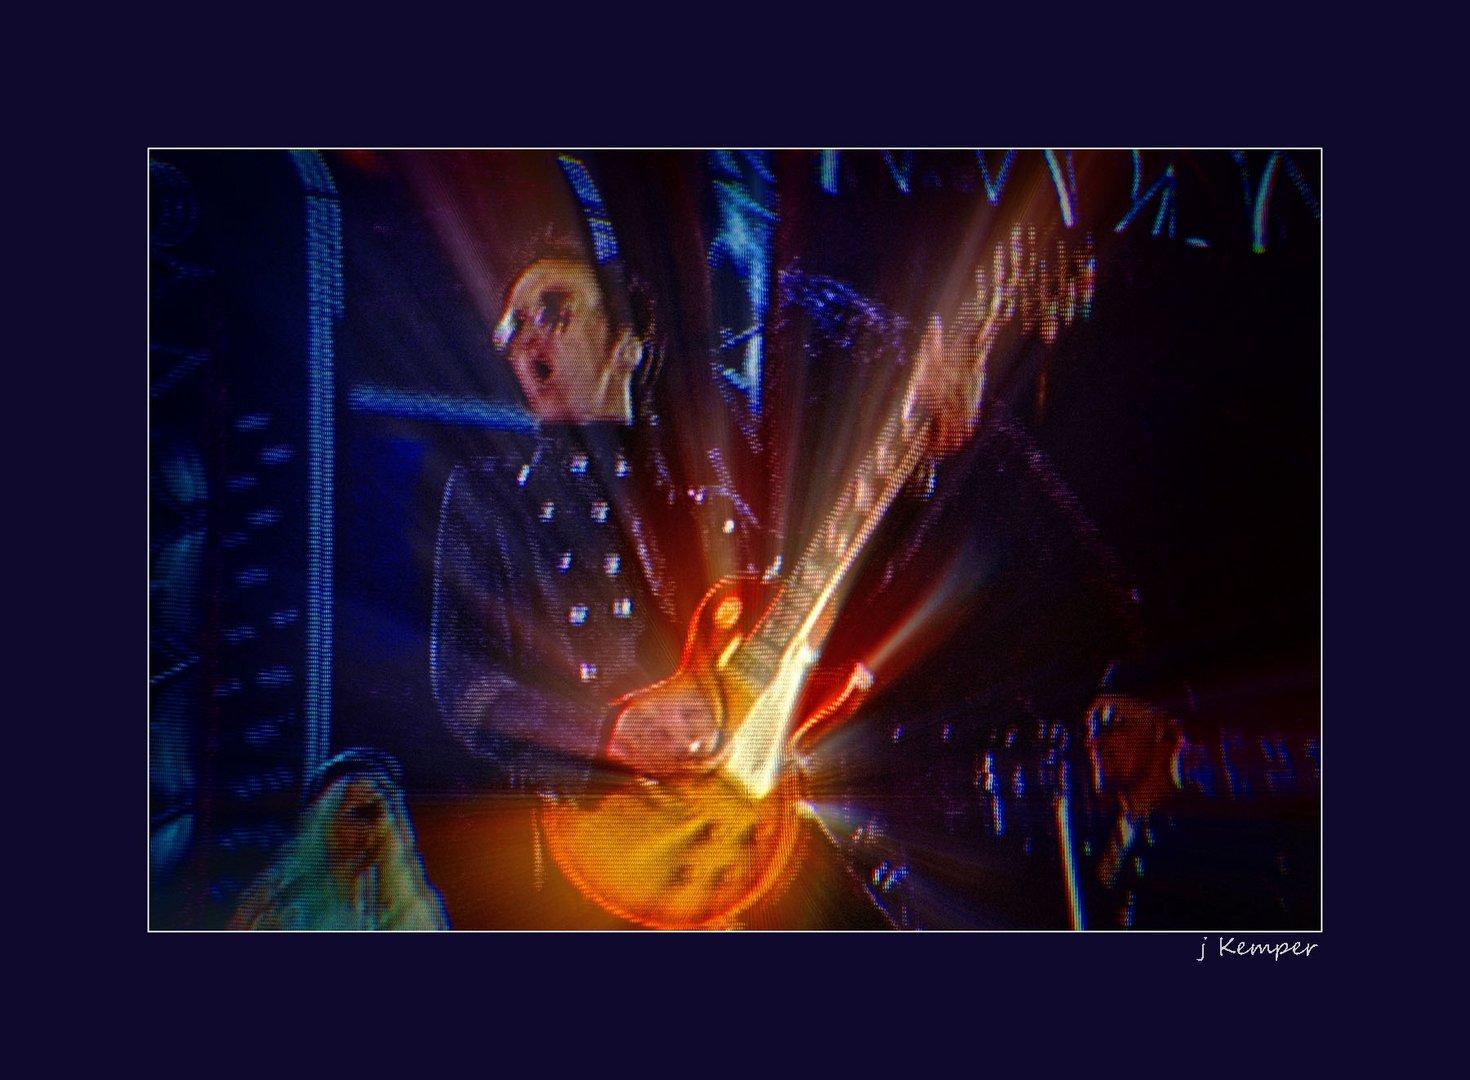 - guitar hero -